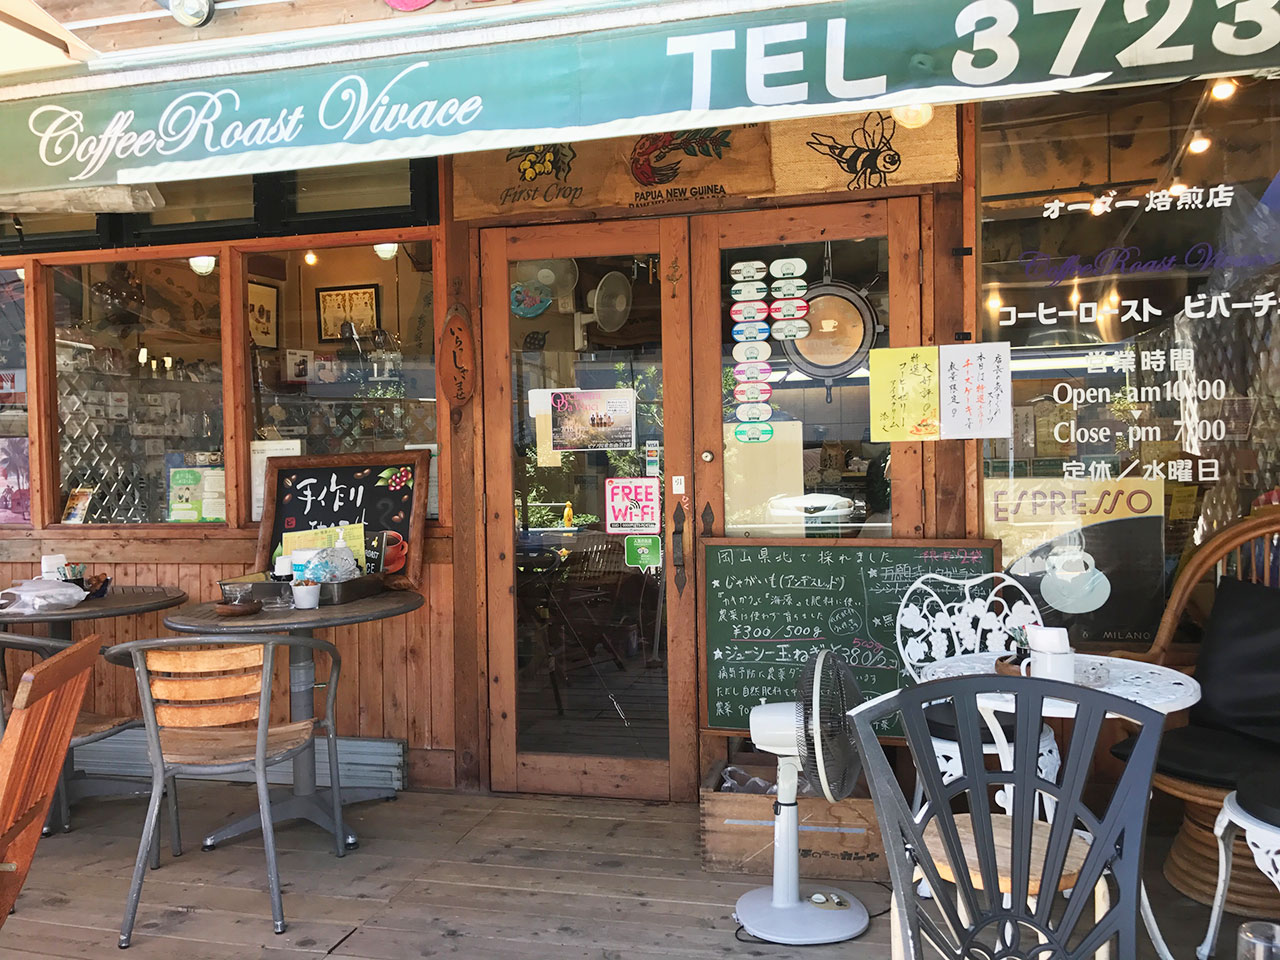 目黒区八雲「COFFEE ROAST VIVACE」焙煎の煙の中に珈琲通人がいる店。